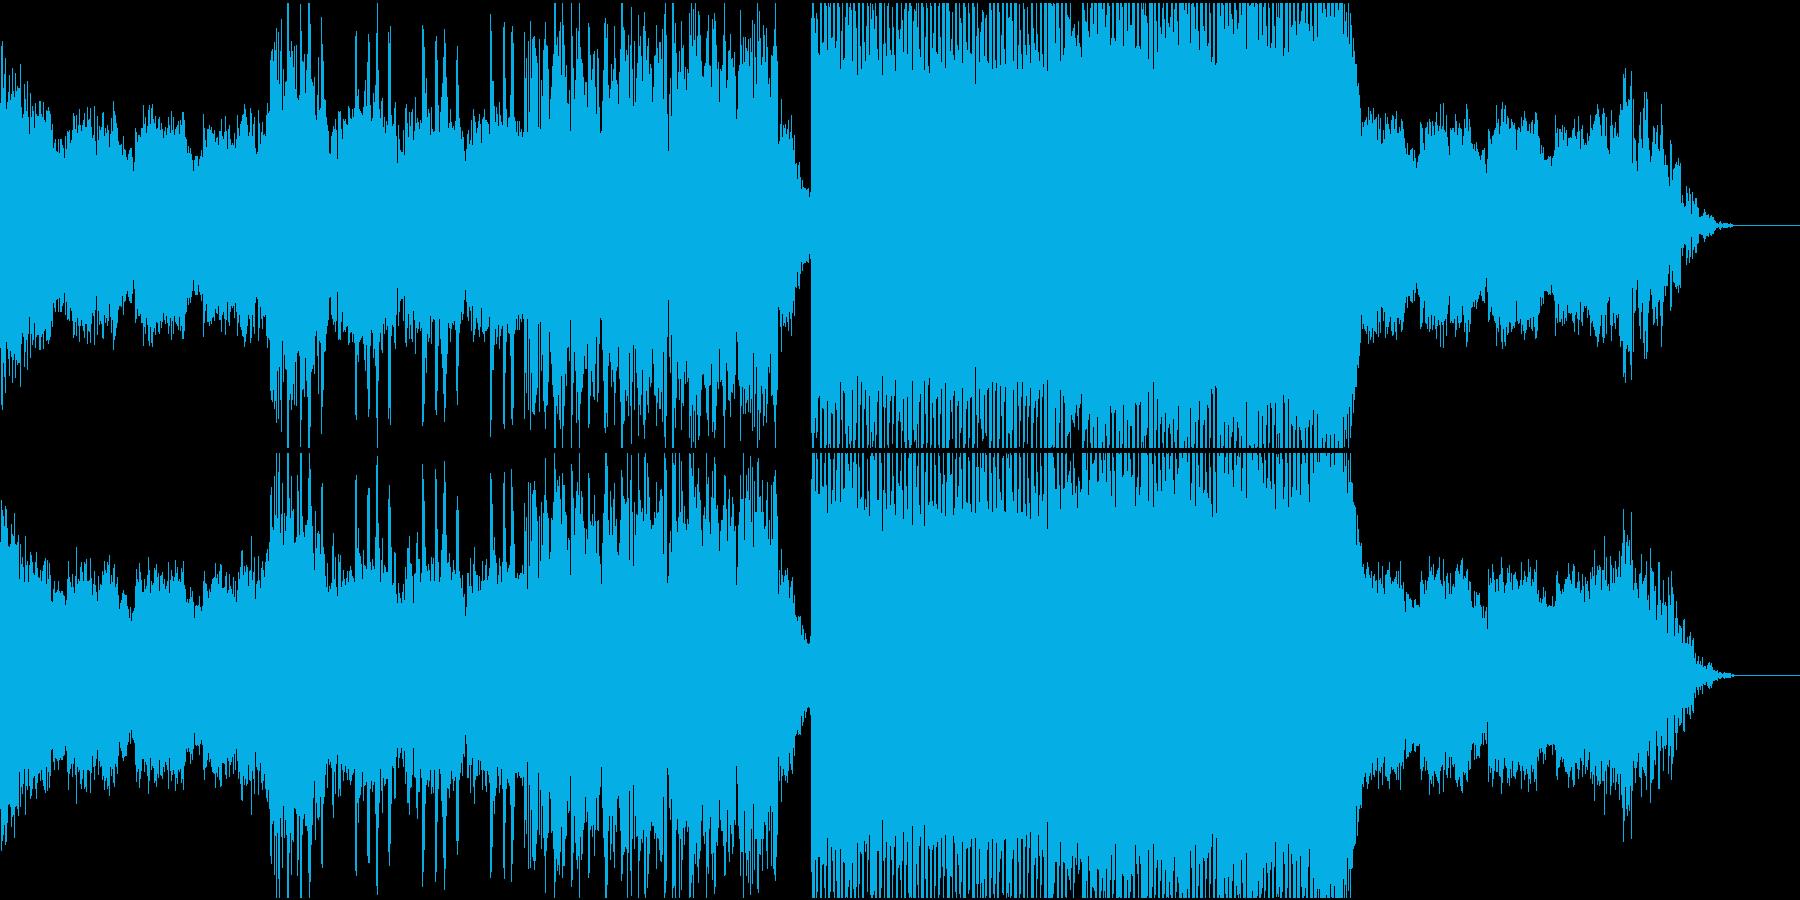 弾けるような可愛さのFutureBassの再生済みの波形